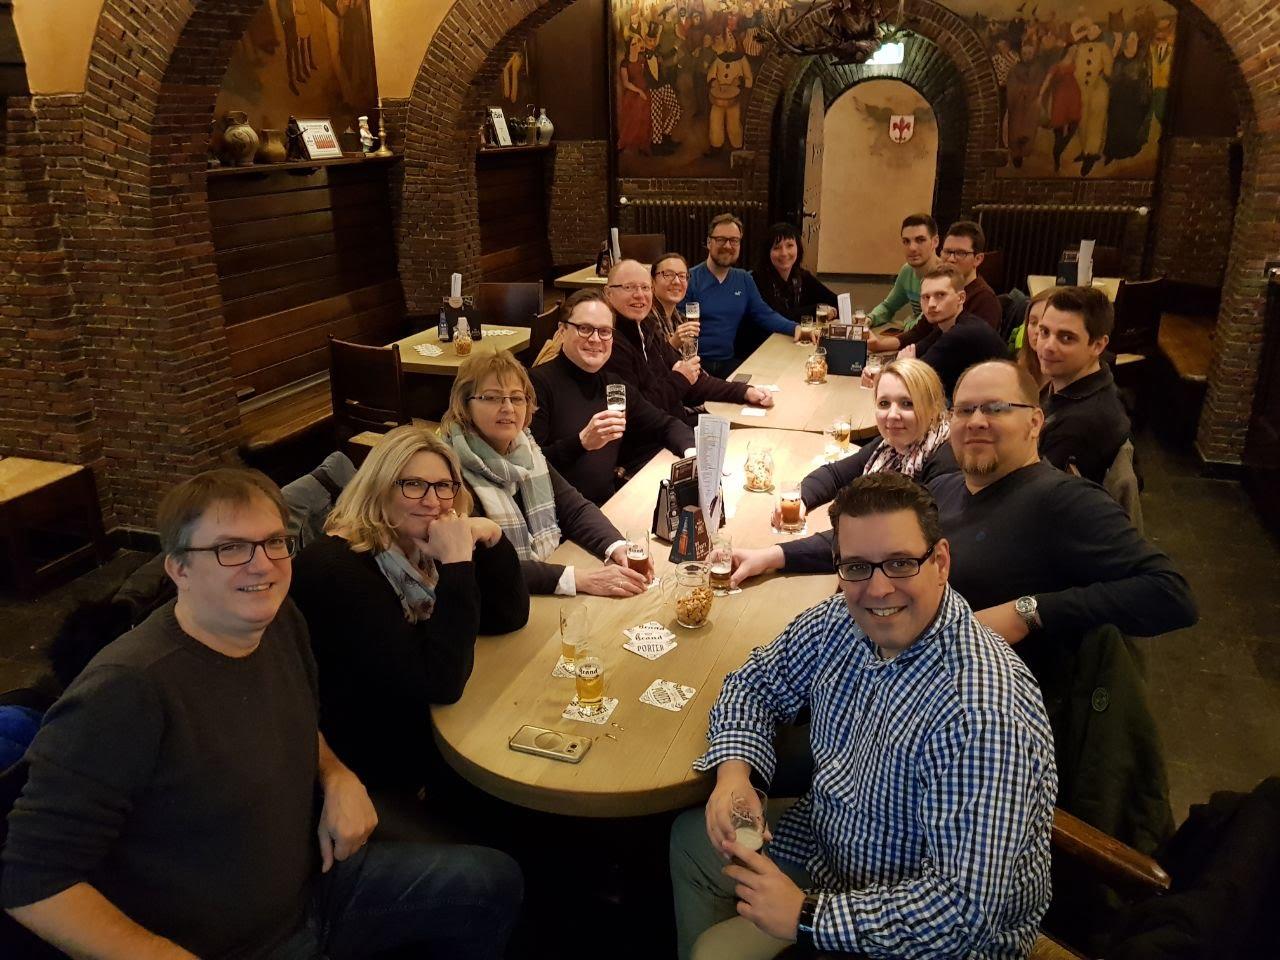 Brauereiausflug zu Brand-Bier Herbst 2017